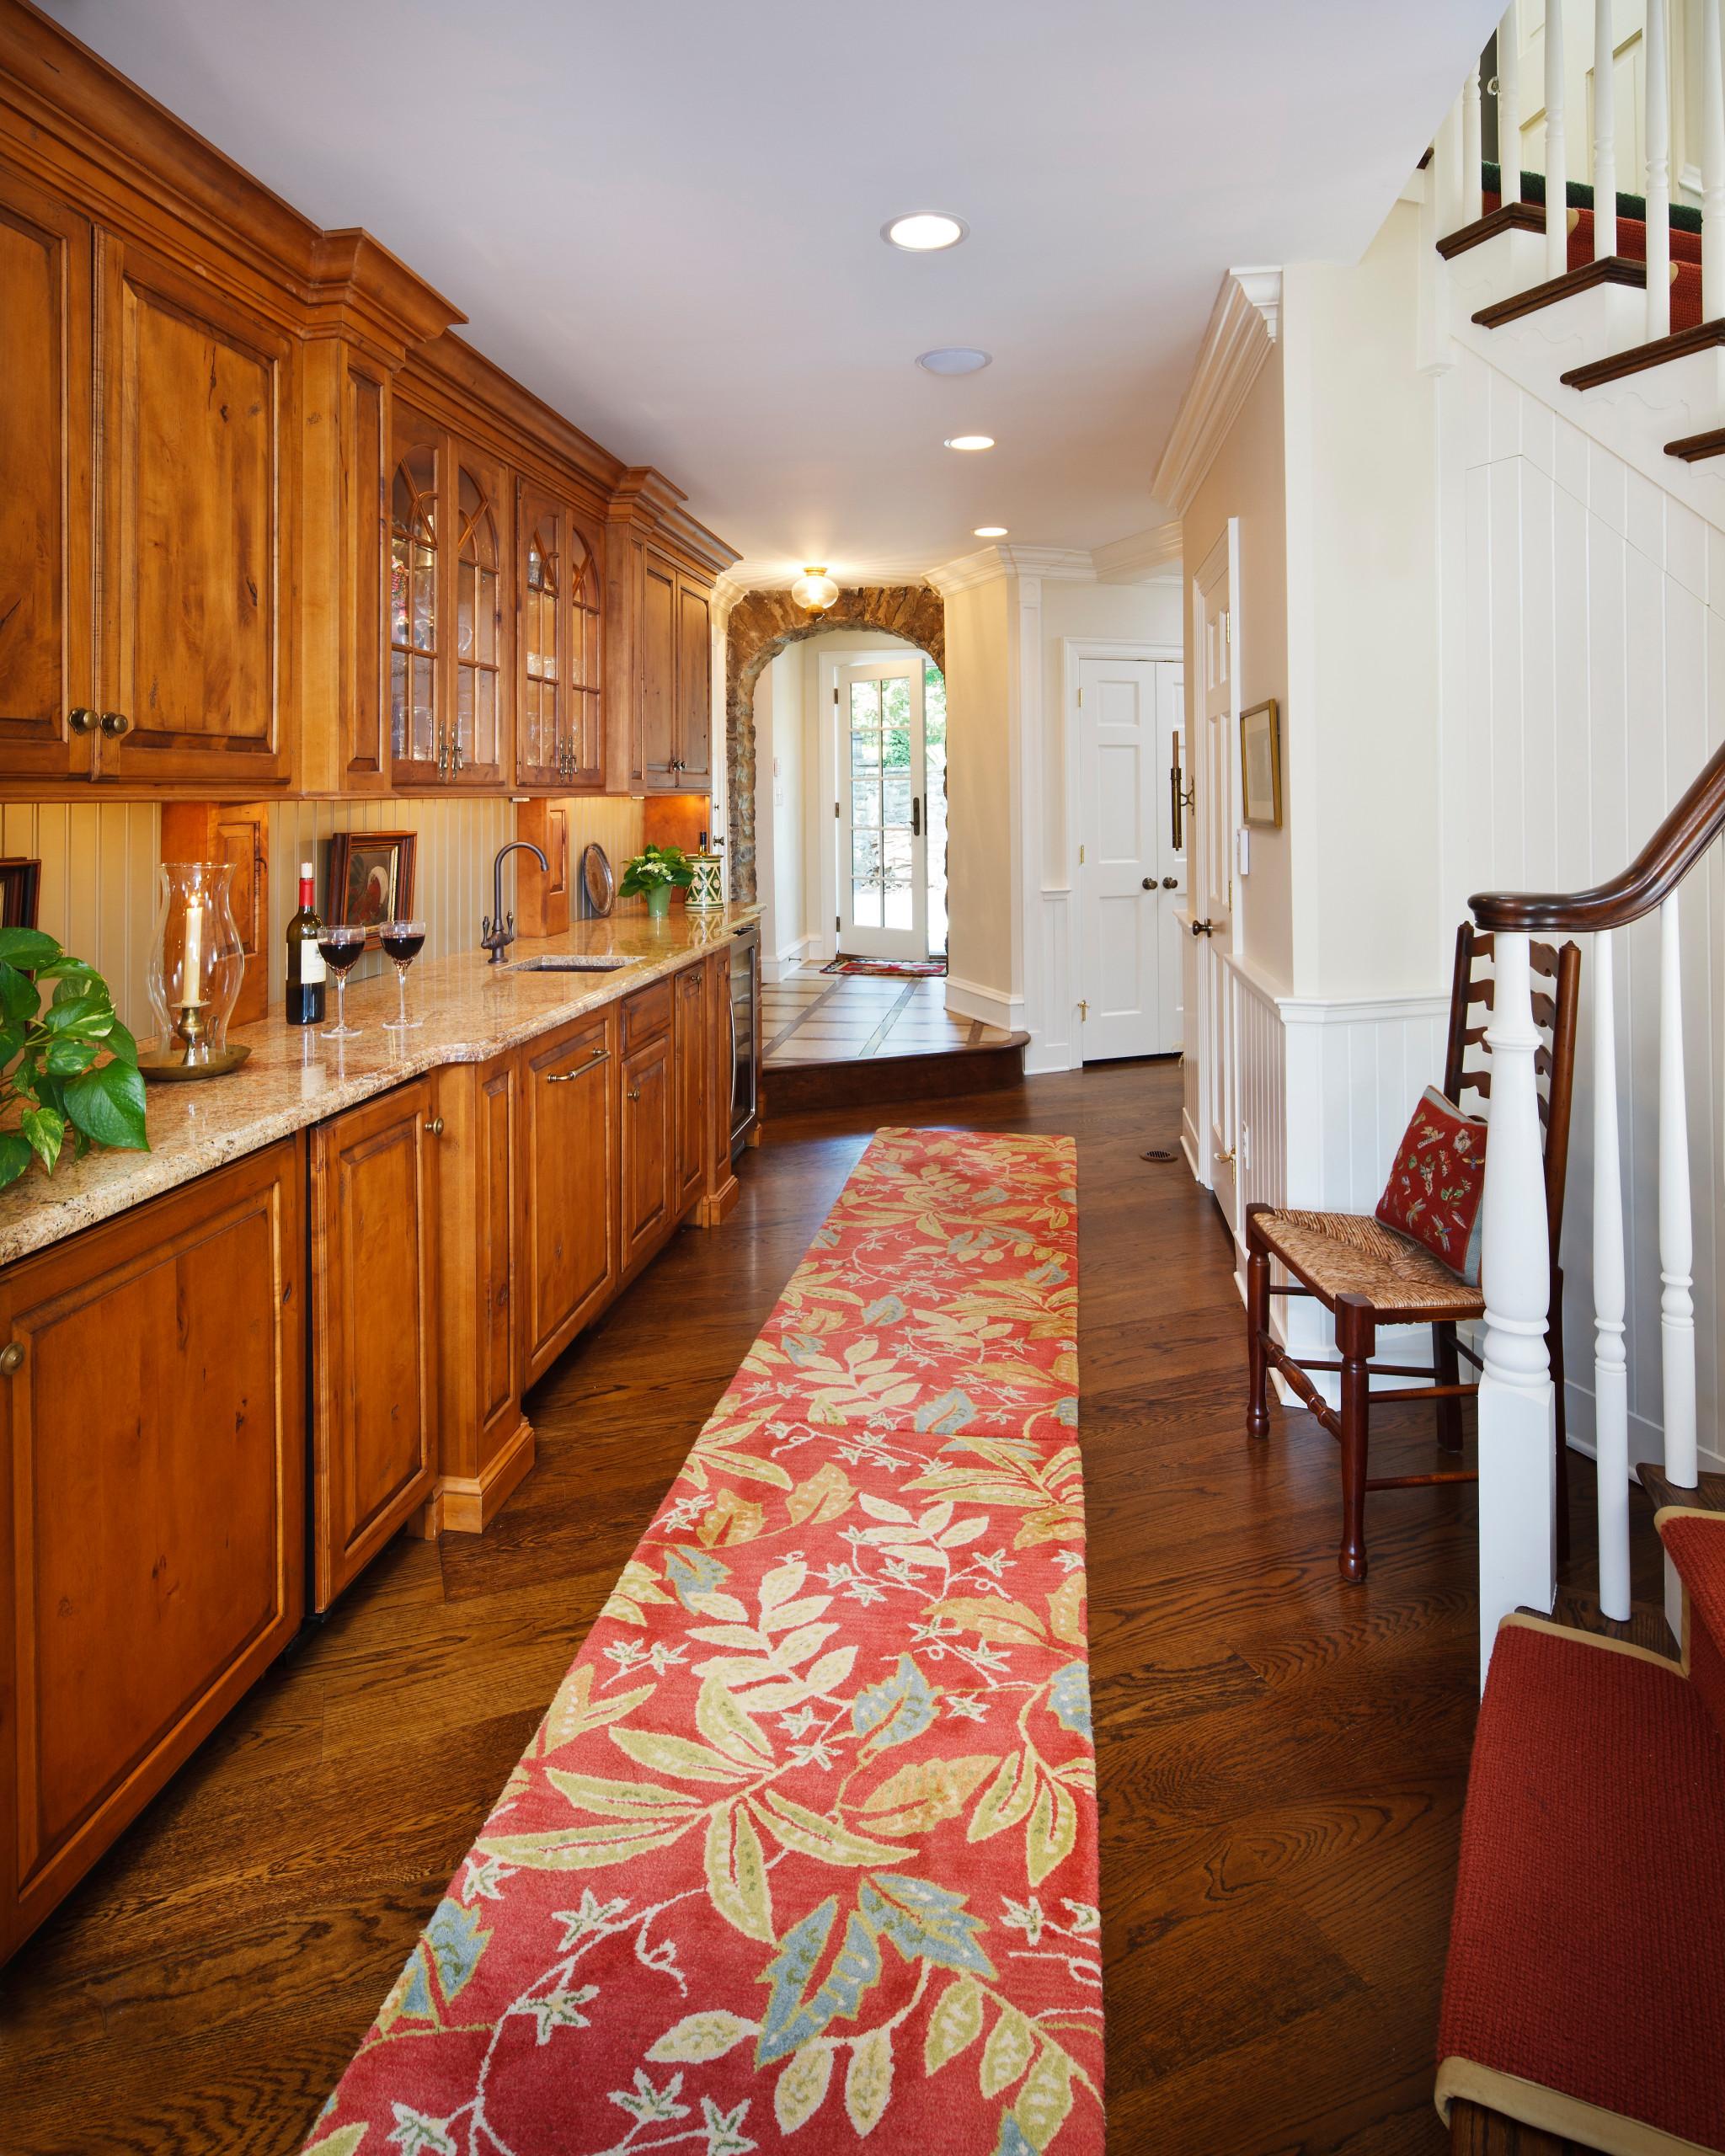 Villanova Kitchen Renovation